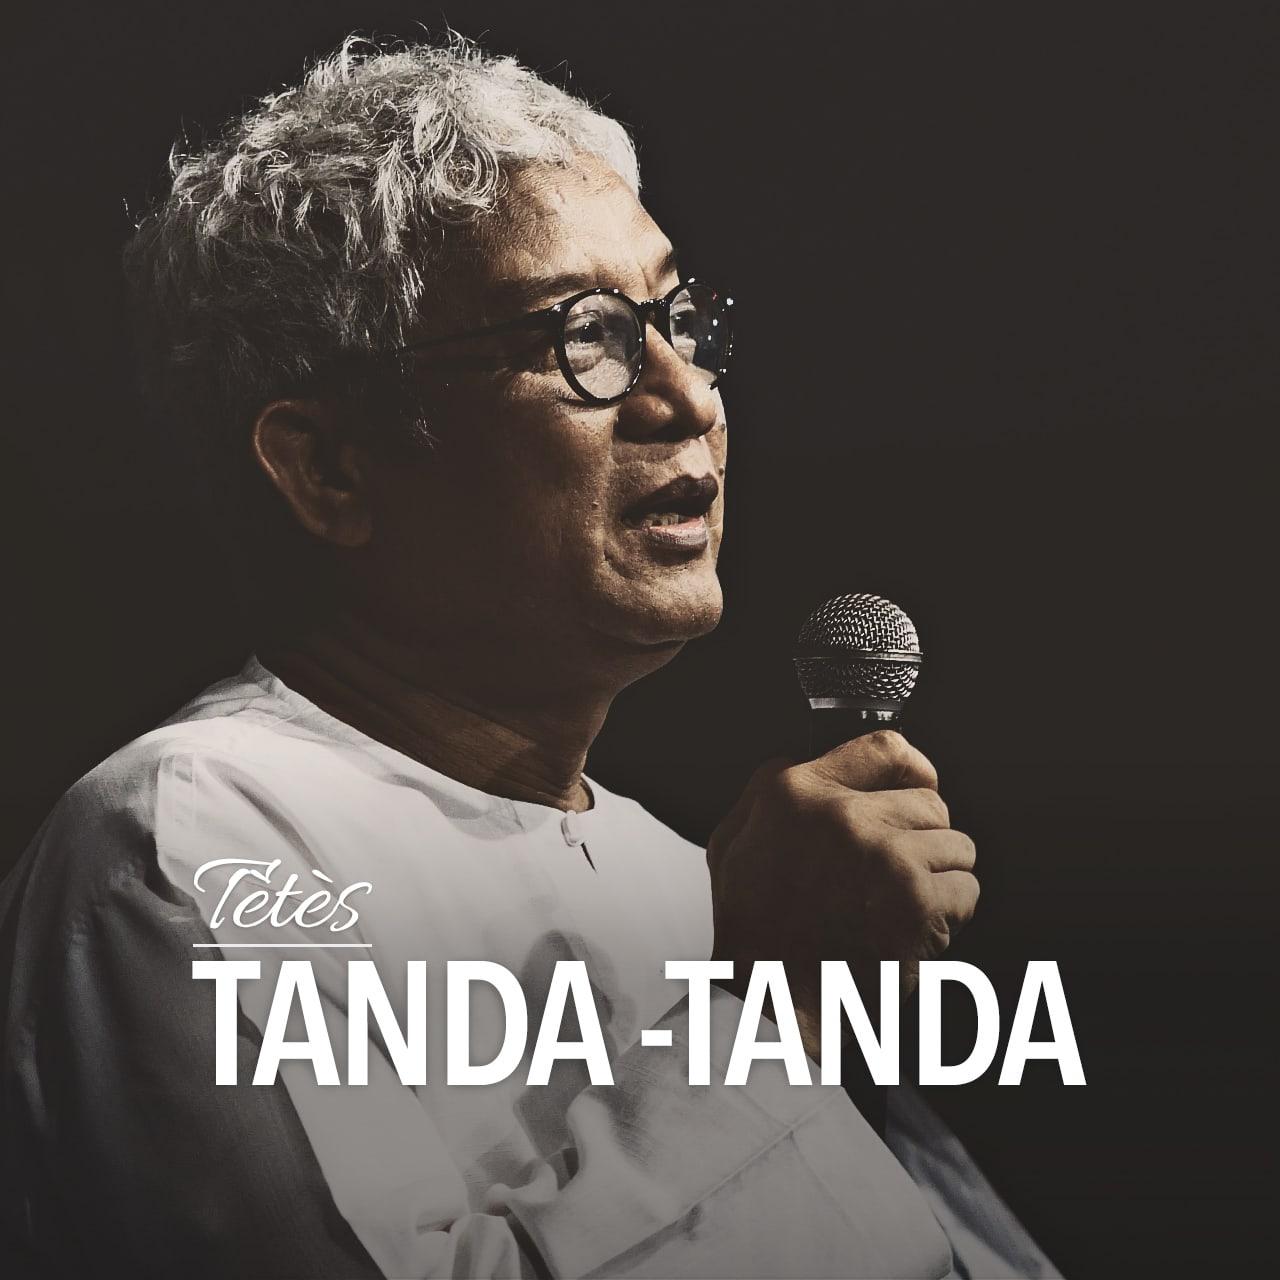 Tanda-Tanda